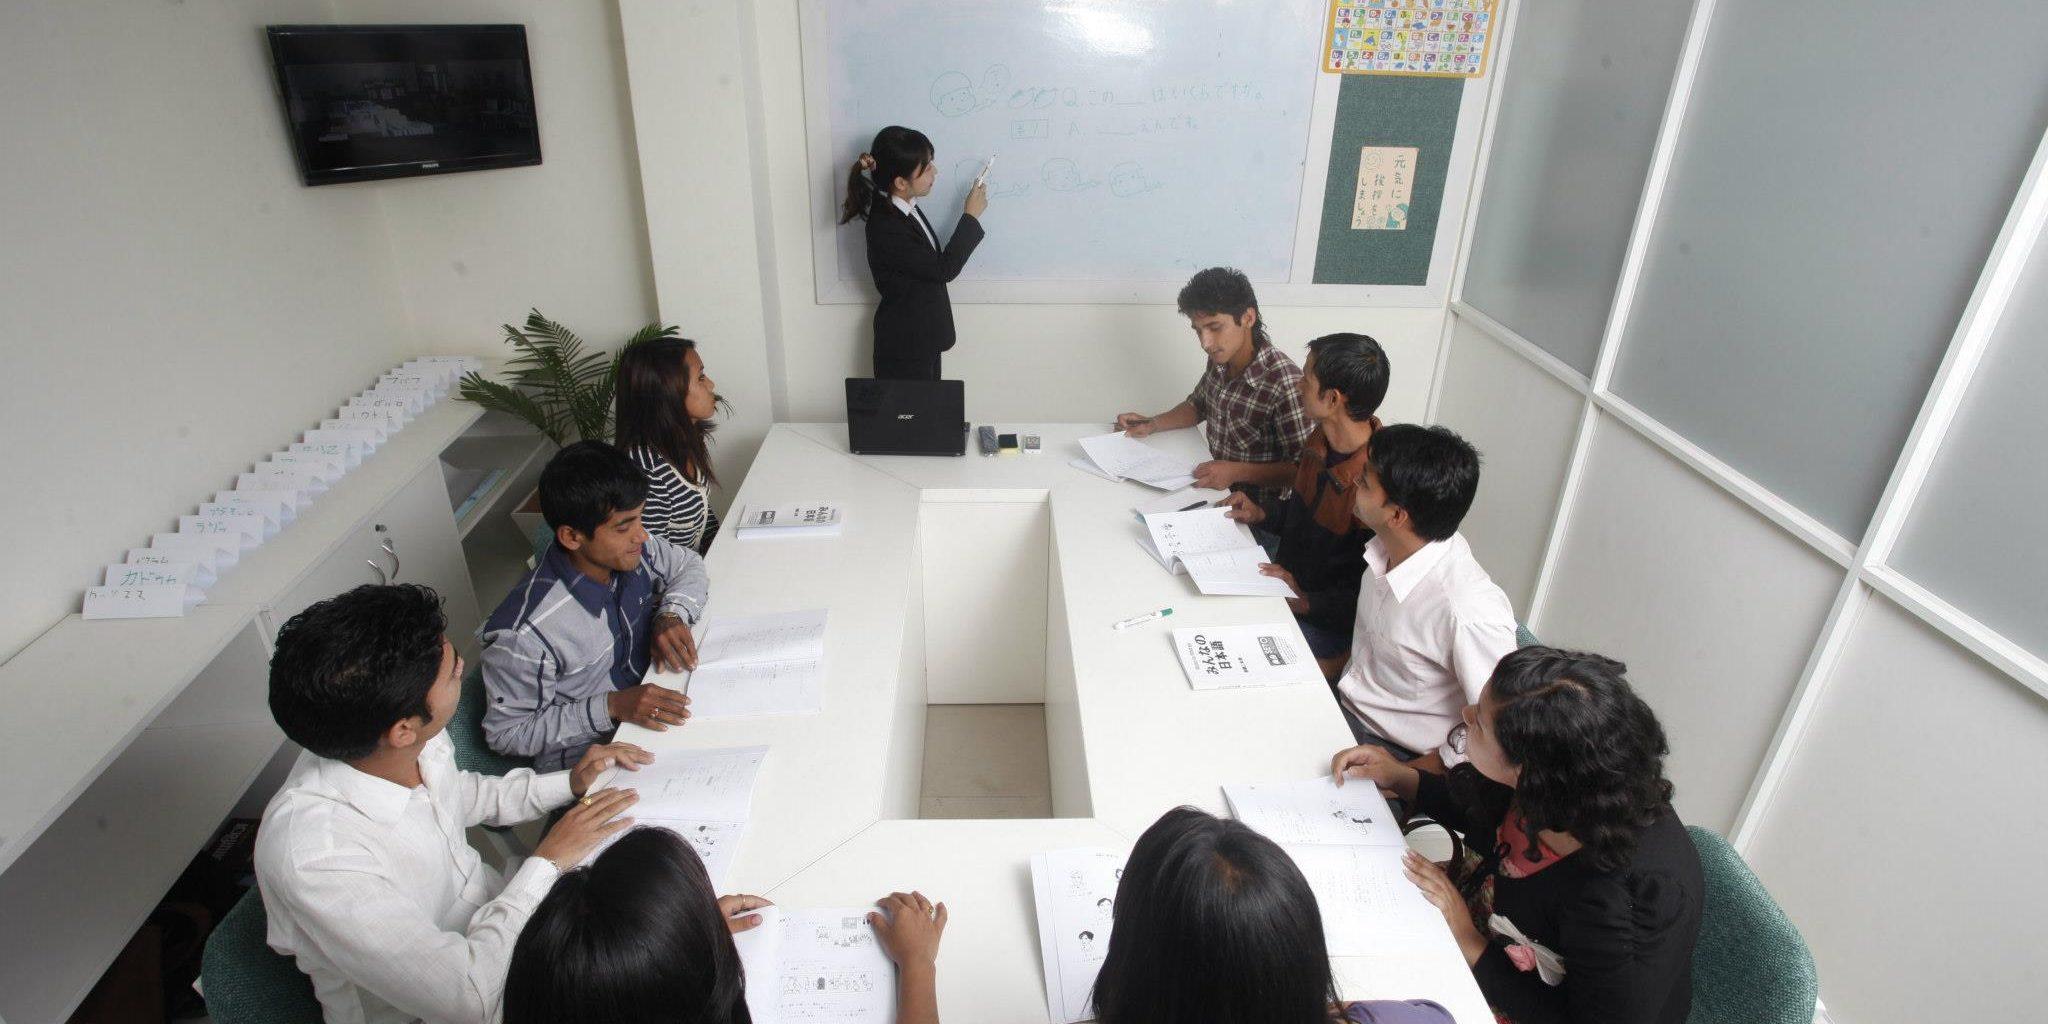 JLPT CLASS